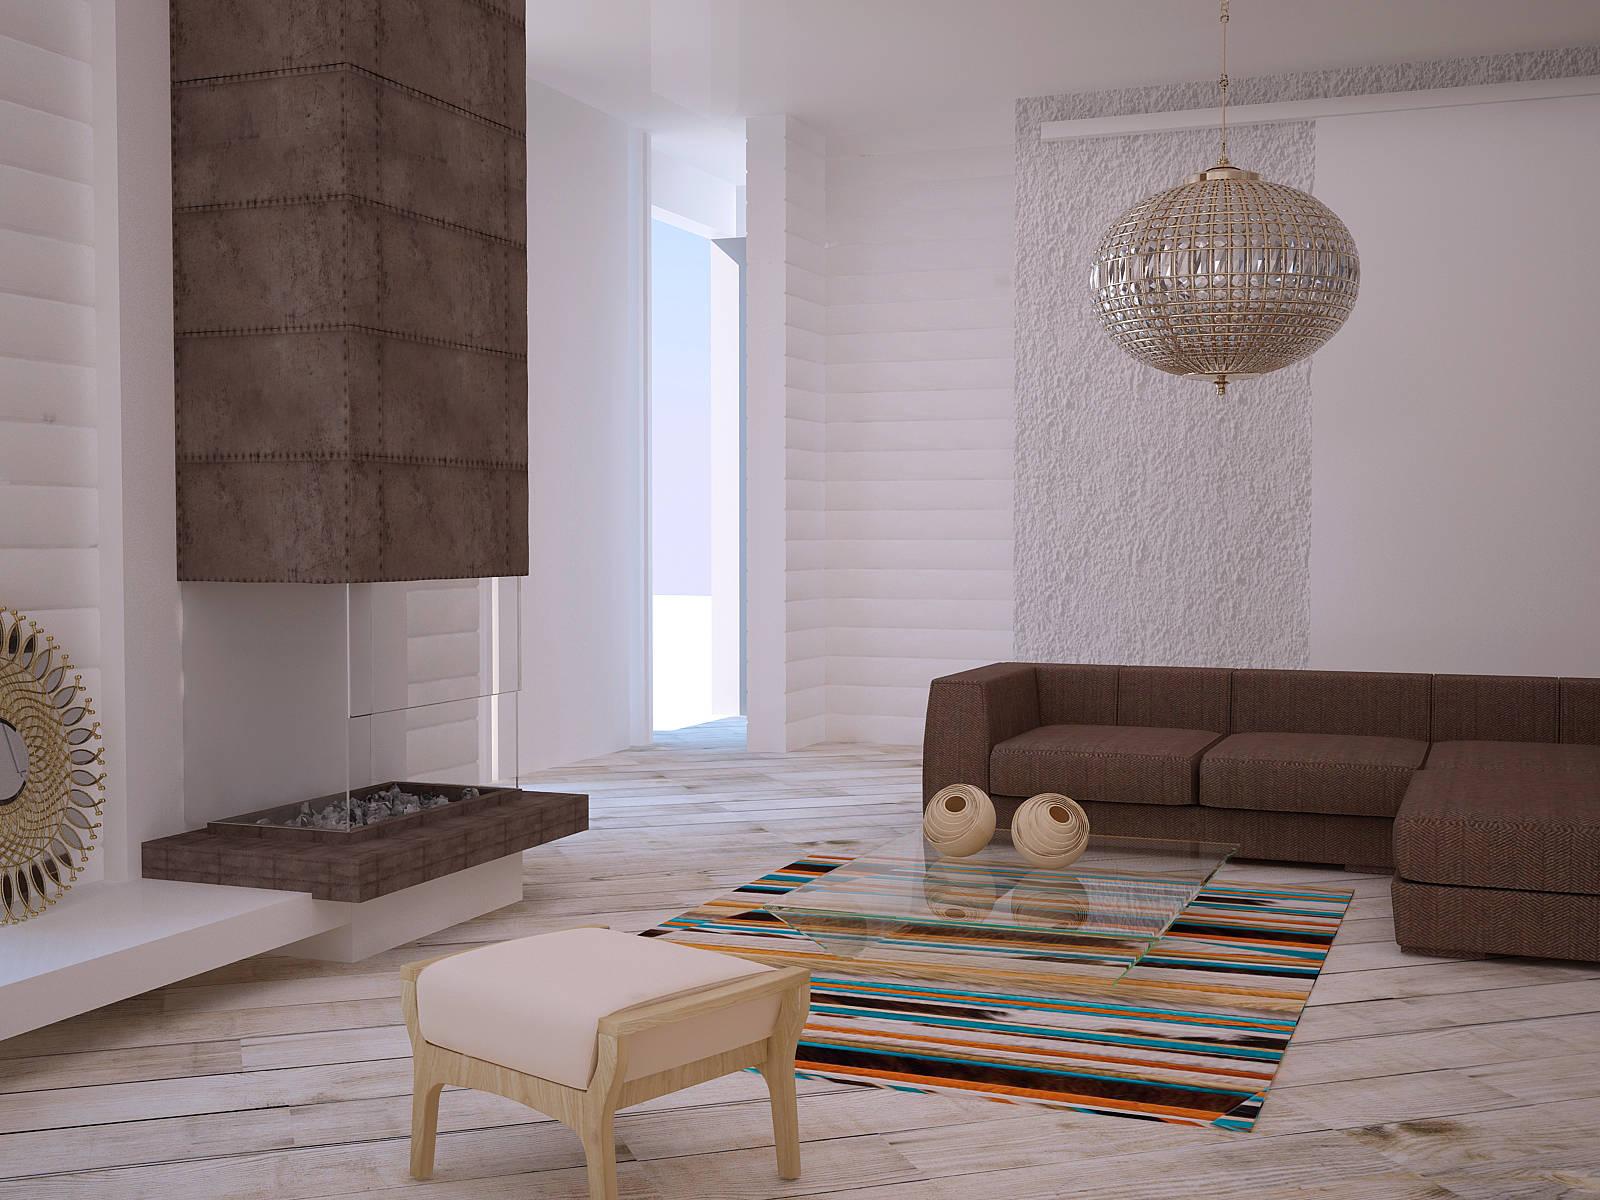 TURQUOISE MANOR interior design